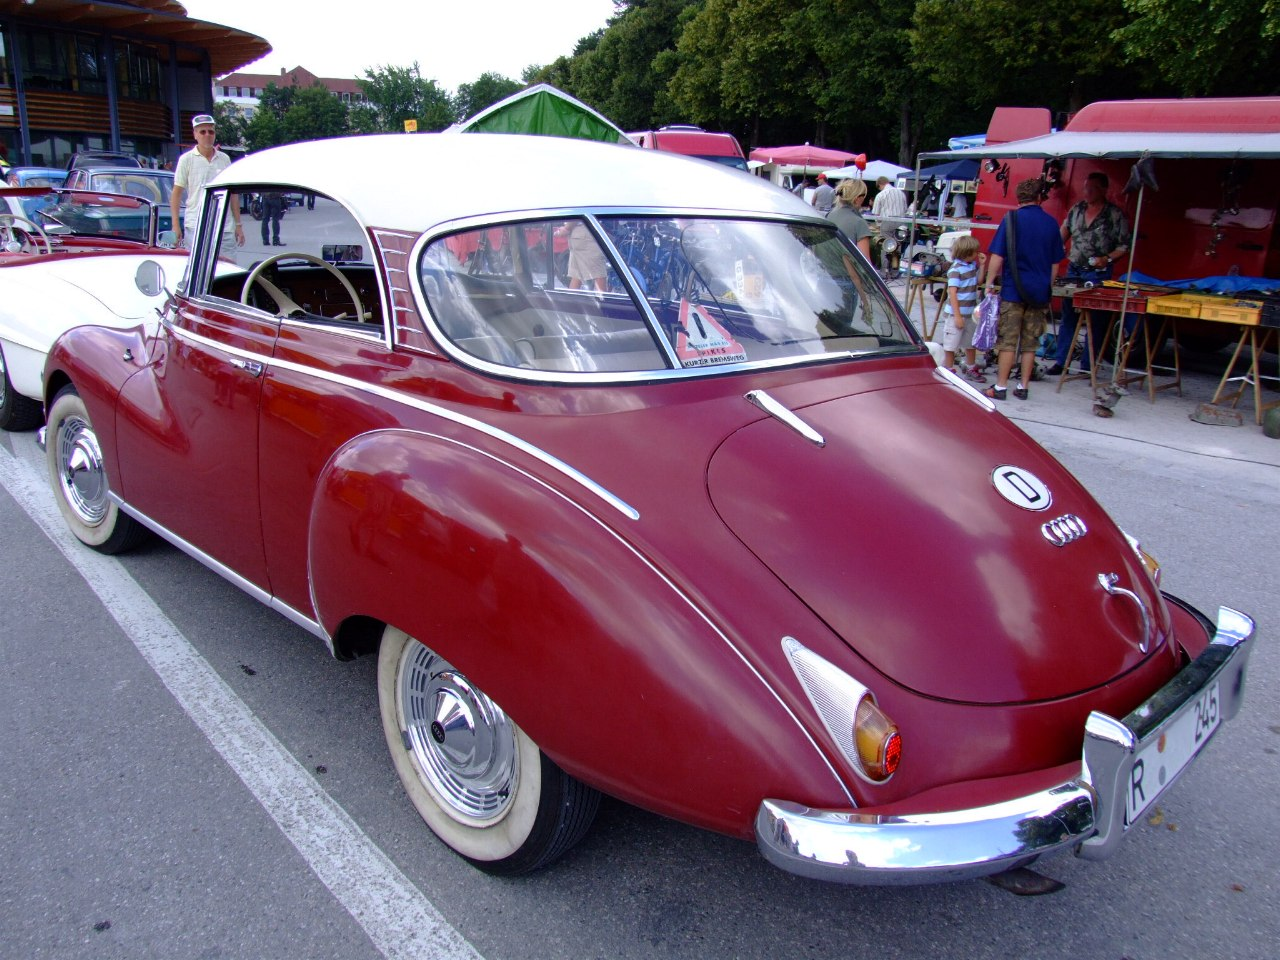 DKW/Auto Union 1000S